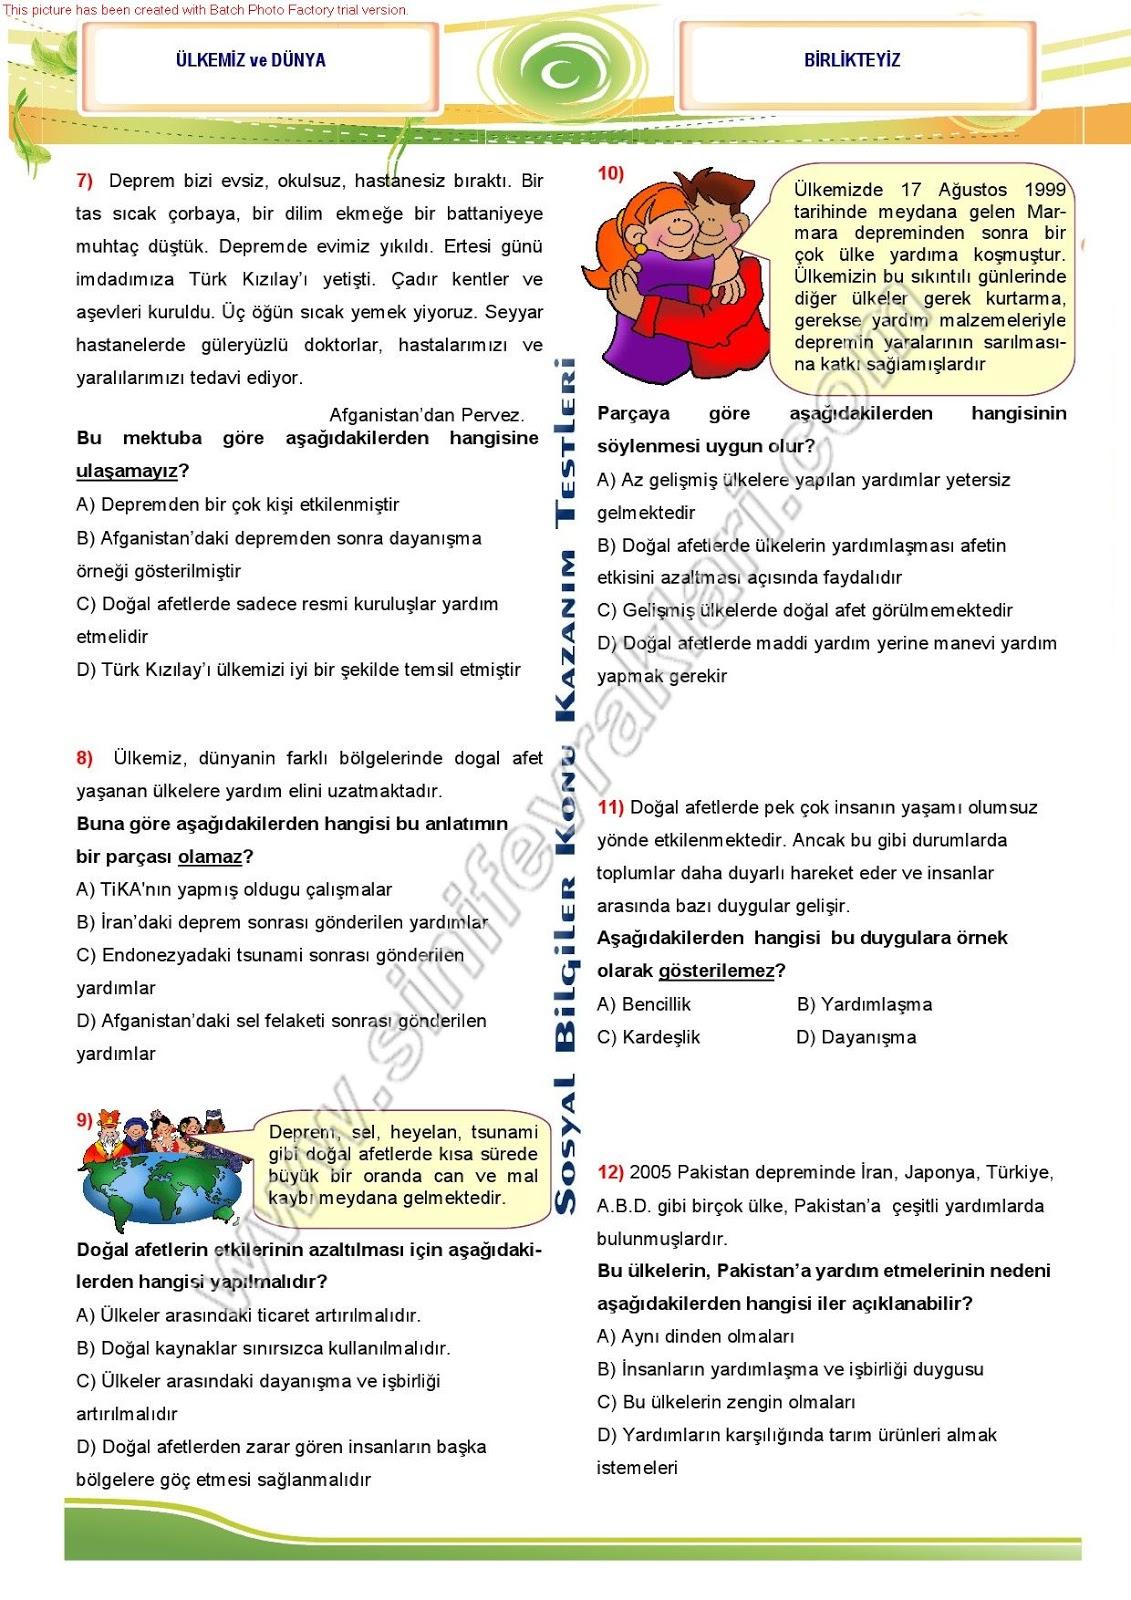 Sınıf ünite testleri sosyal bilgiler içinde yayınlandı